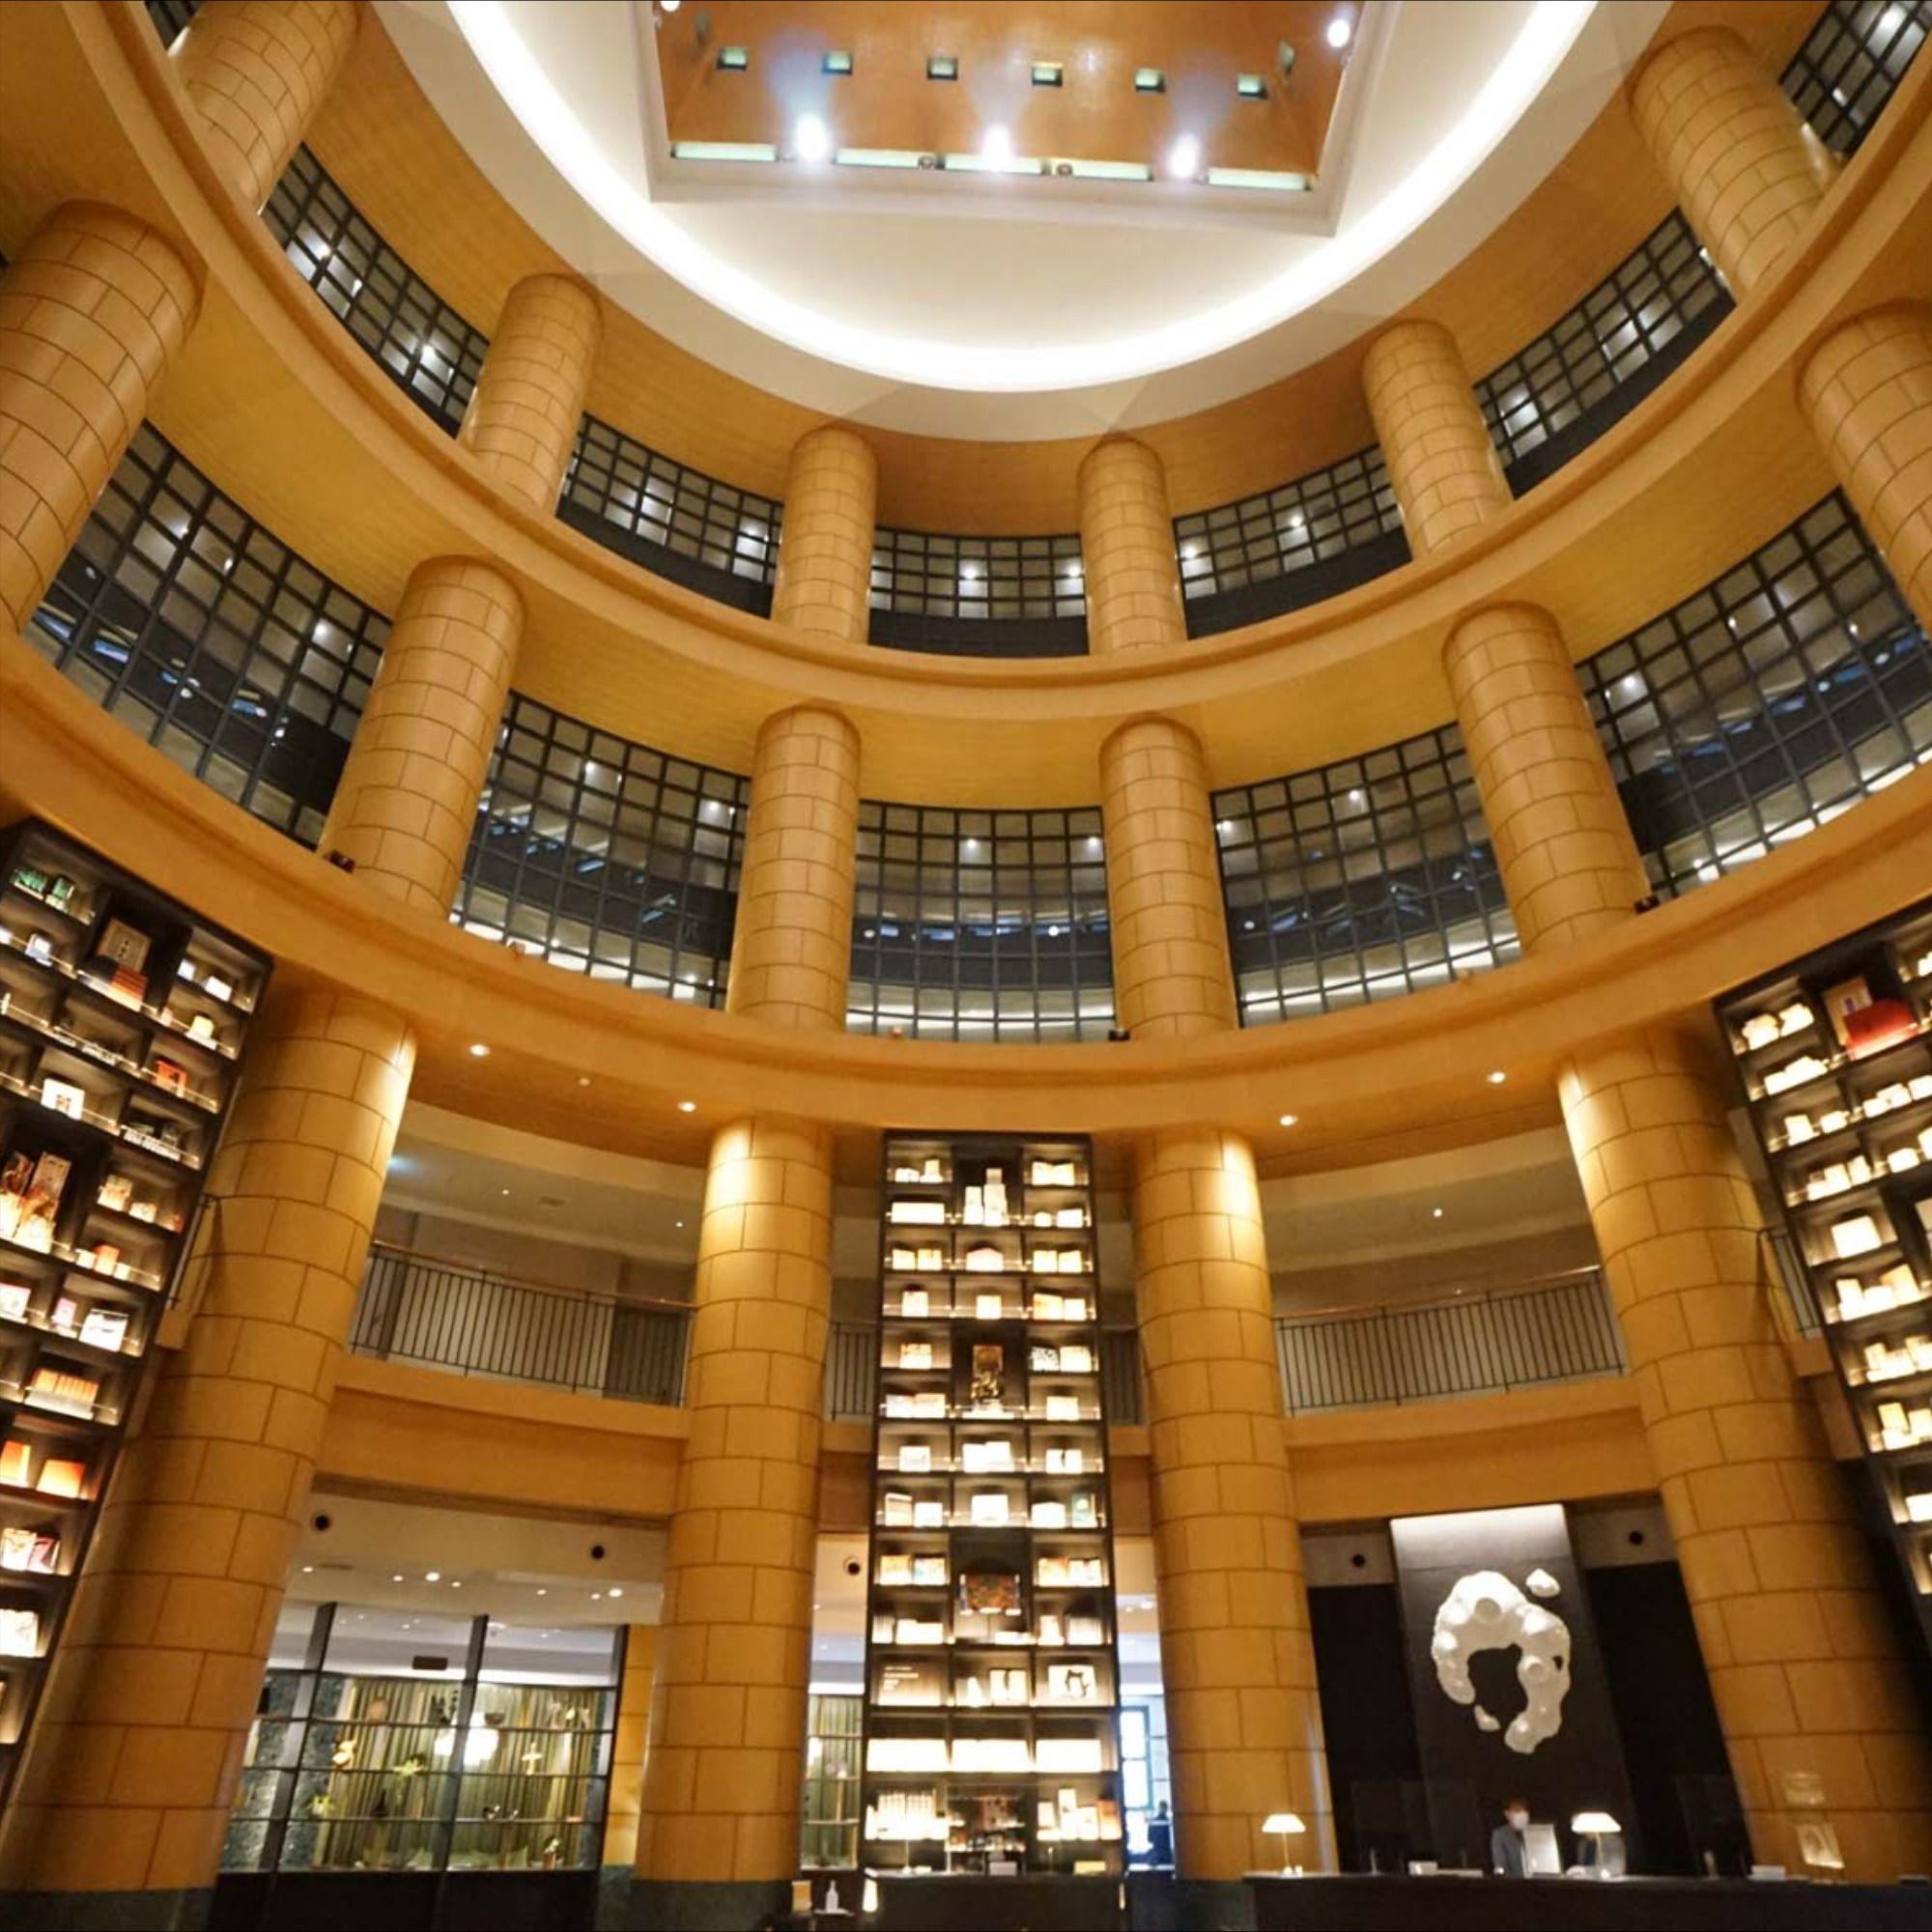 図書館に住む そんな夢を叶えるホテル暮らし The Basics Fukuoka 宿泊レビュー Goodroom Journal ホテル 暮らし 賃貸